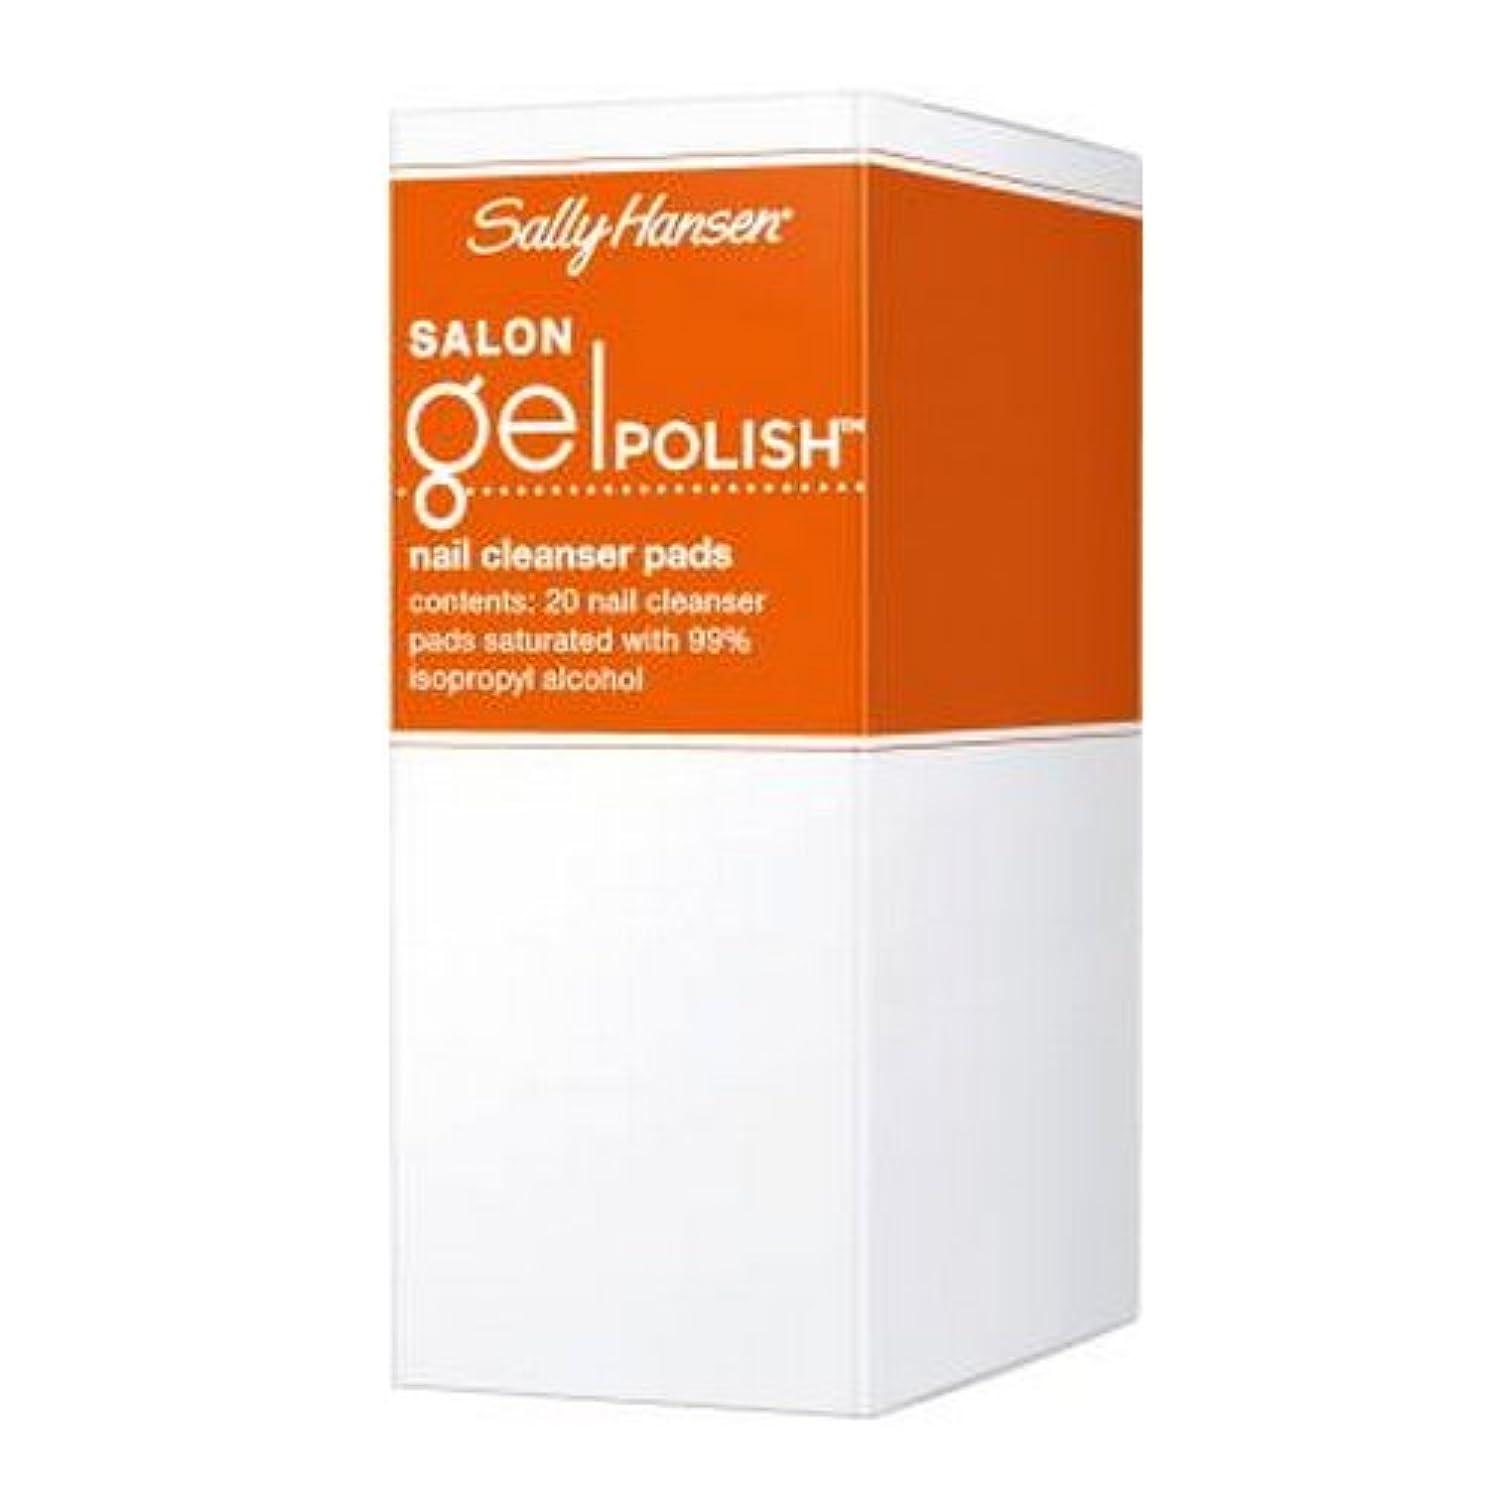 基礎理論多数の順応性SALLY HANSEN Salon Gel Polish Nail Cleanser Pads - Gel Polish Cleanser Pads (並行輸入品)